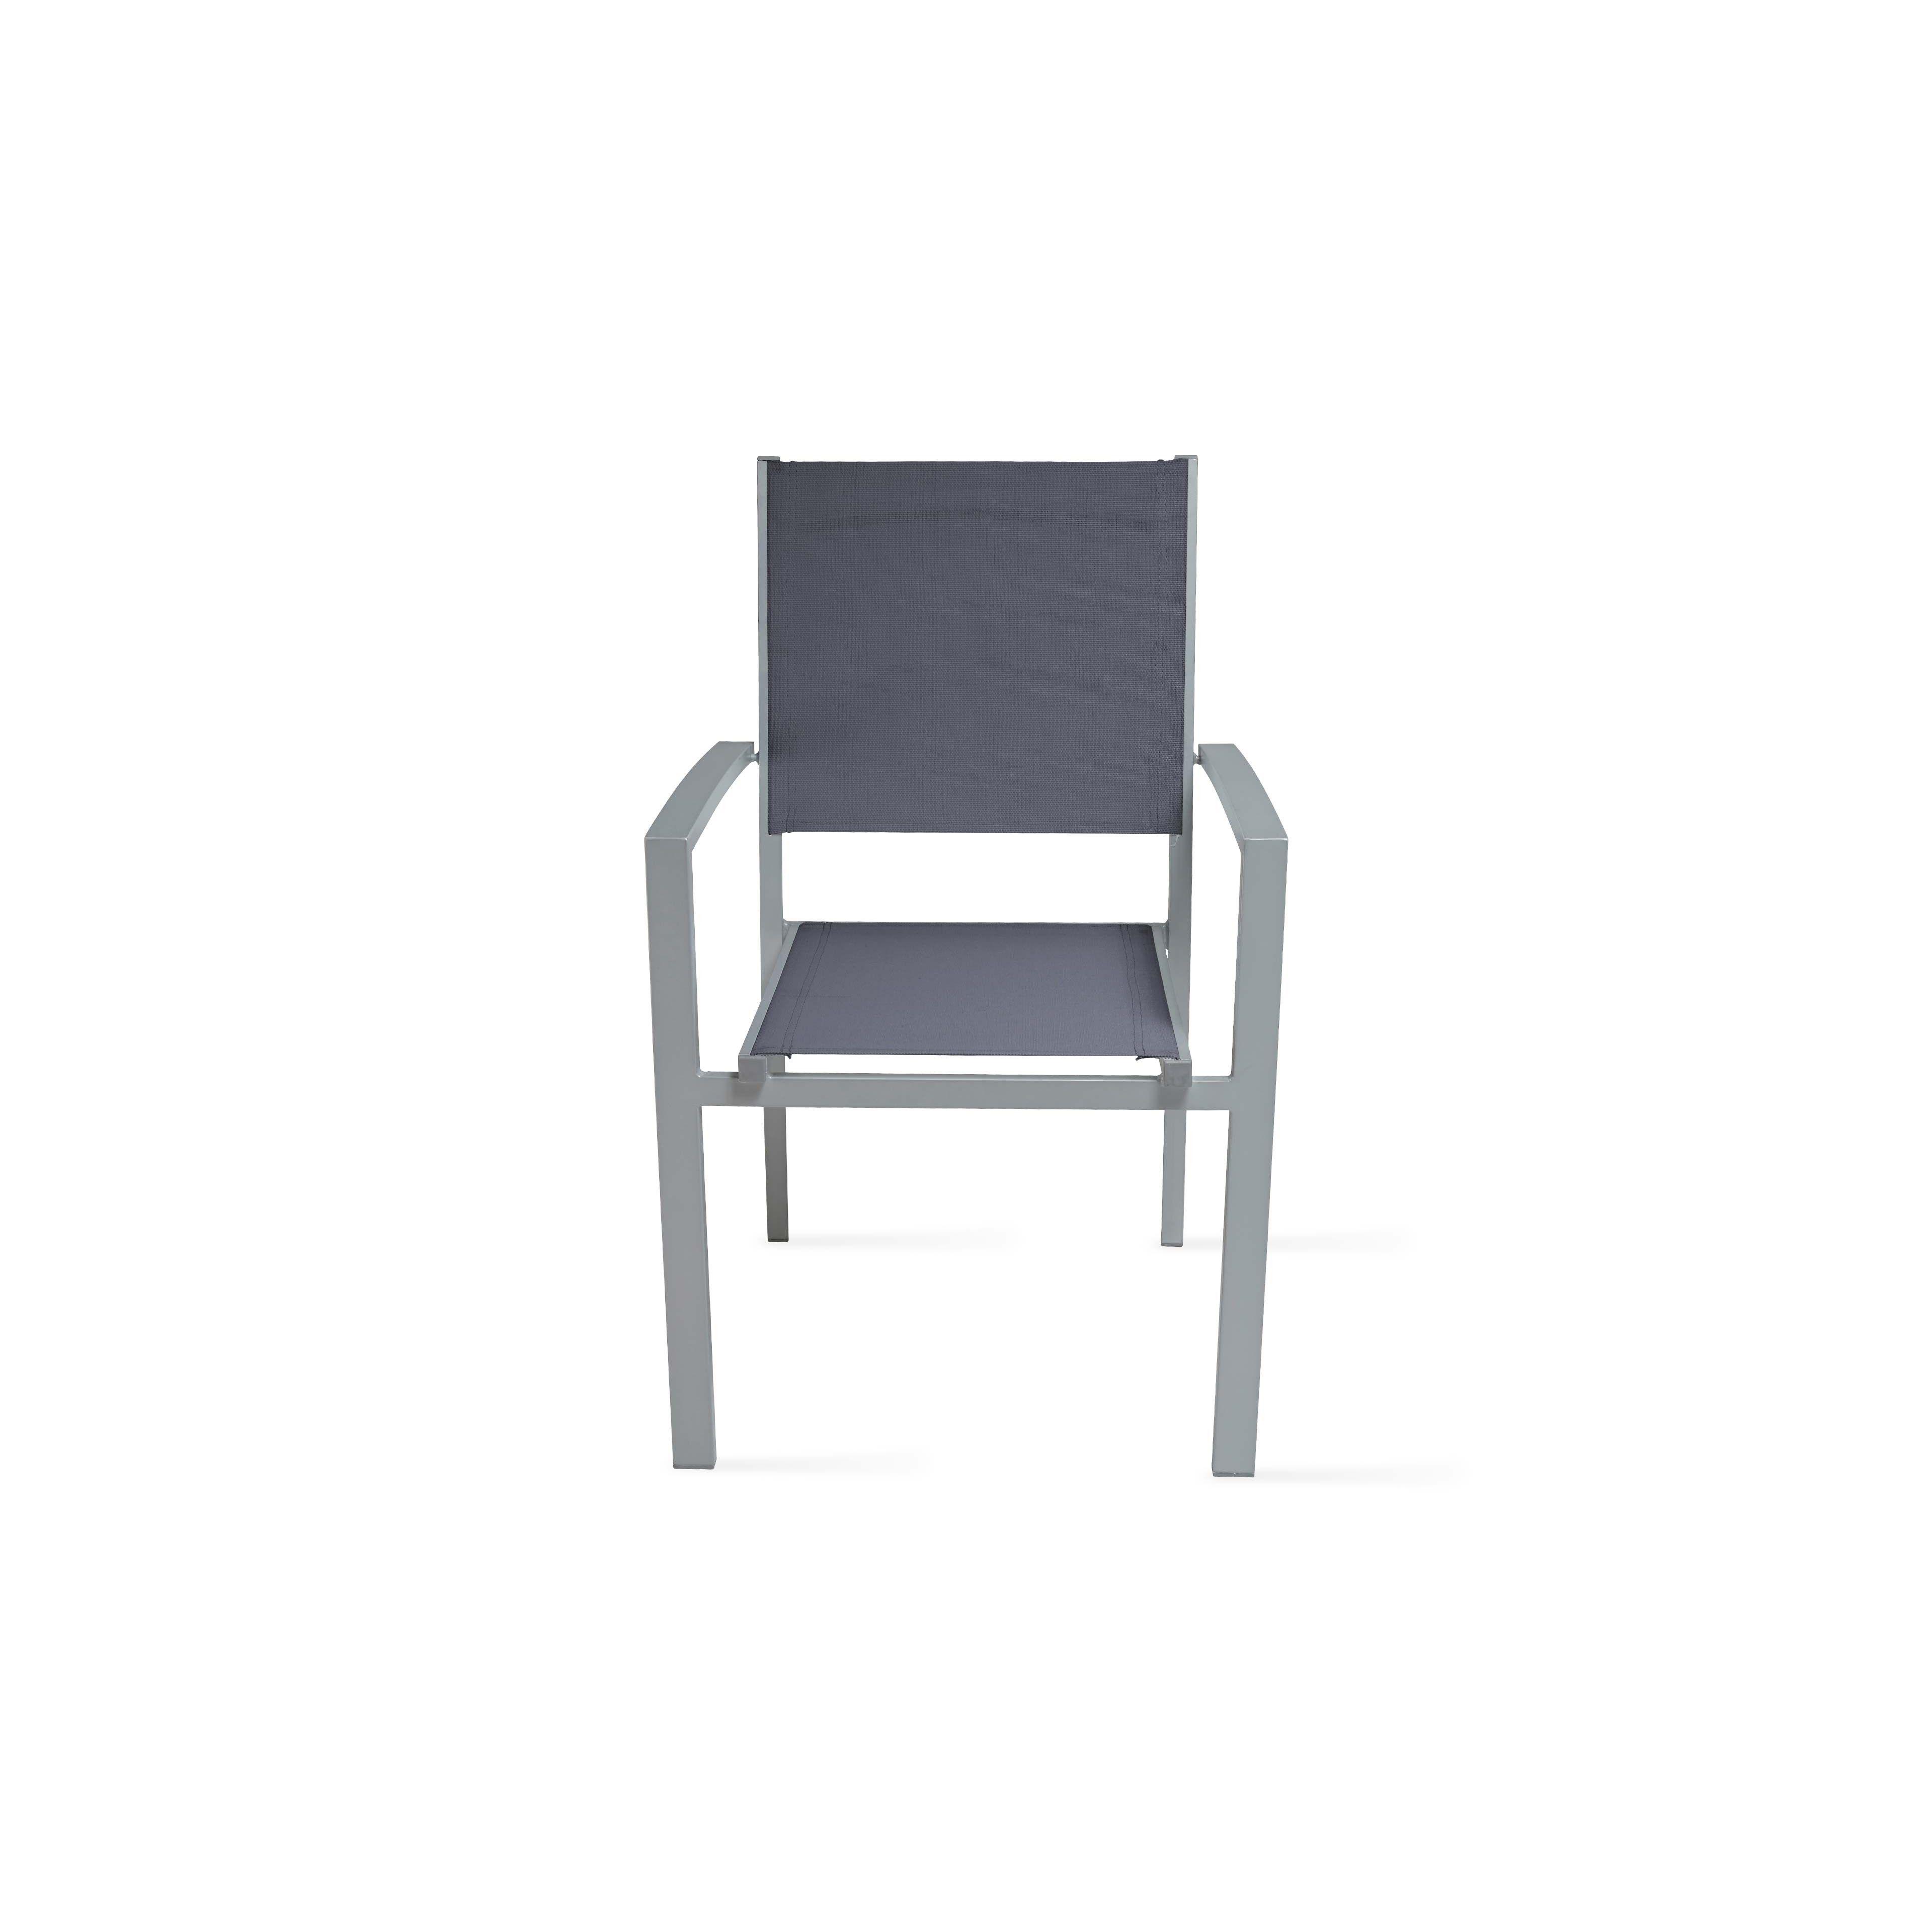 salon de jardin 8 personnes table et chaises. Black Bedroom Furniture Sets. Home Design Ideas